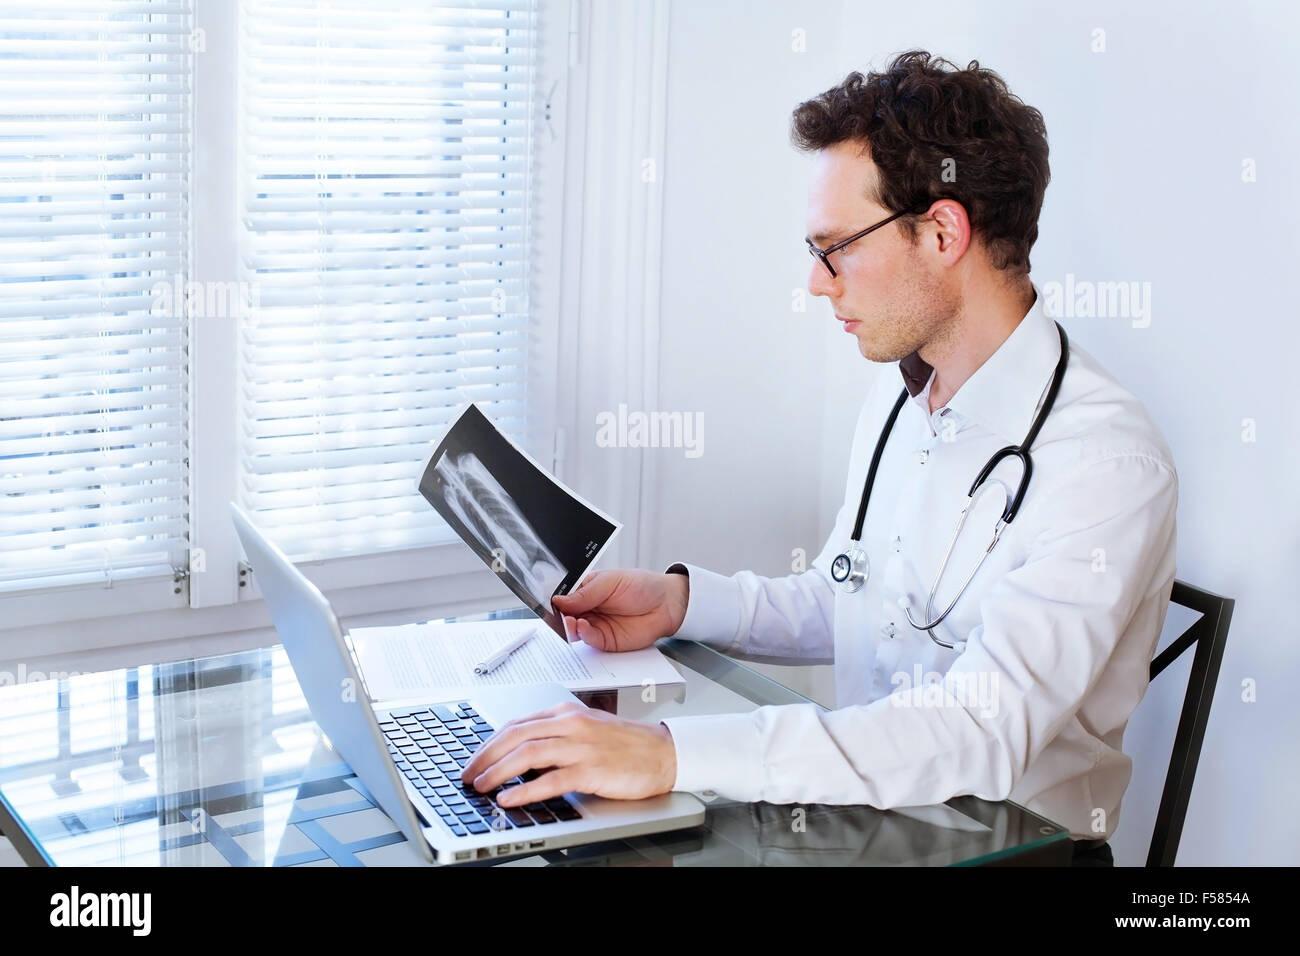 Medico nella parte anteriore del computer controllo xray foto Immagini Stock